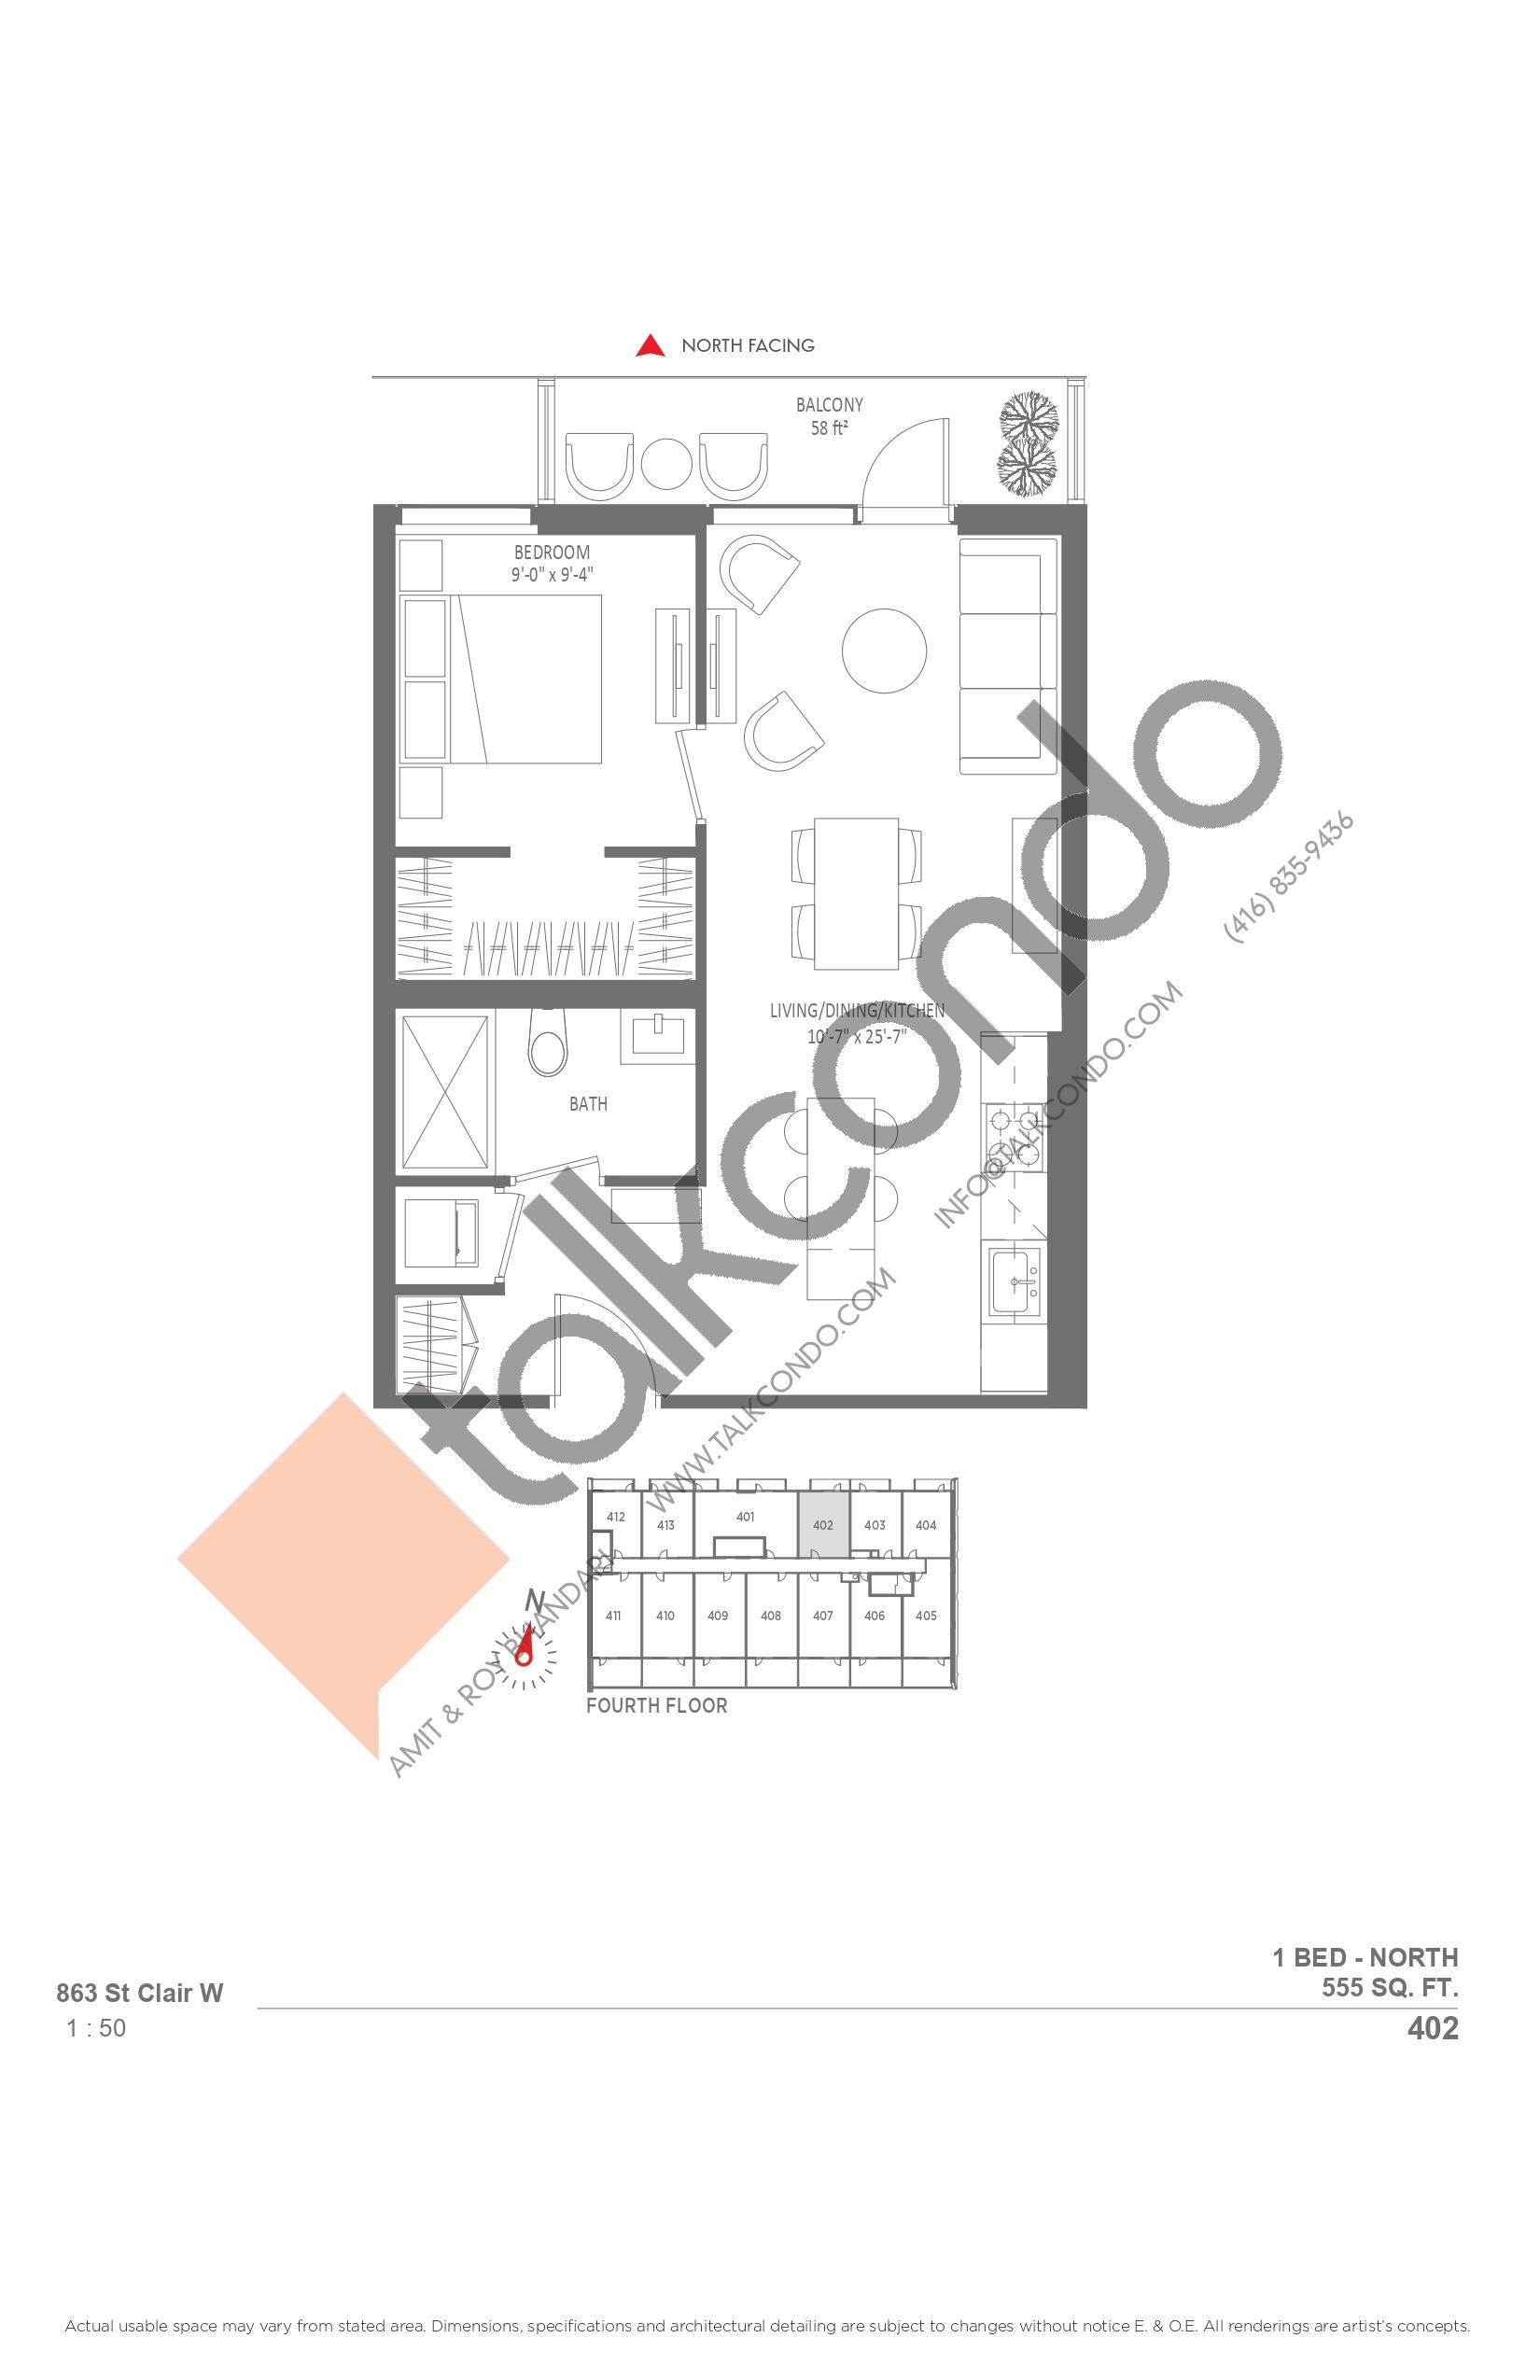 402 Floor Plan at Monza Condos - 555 sq.ft